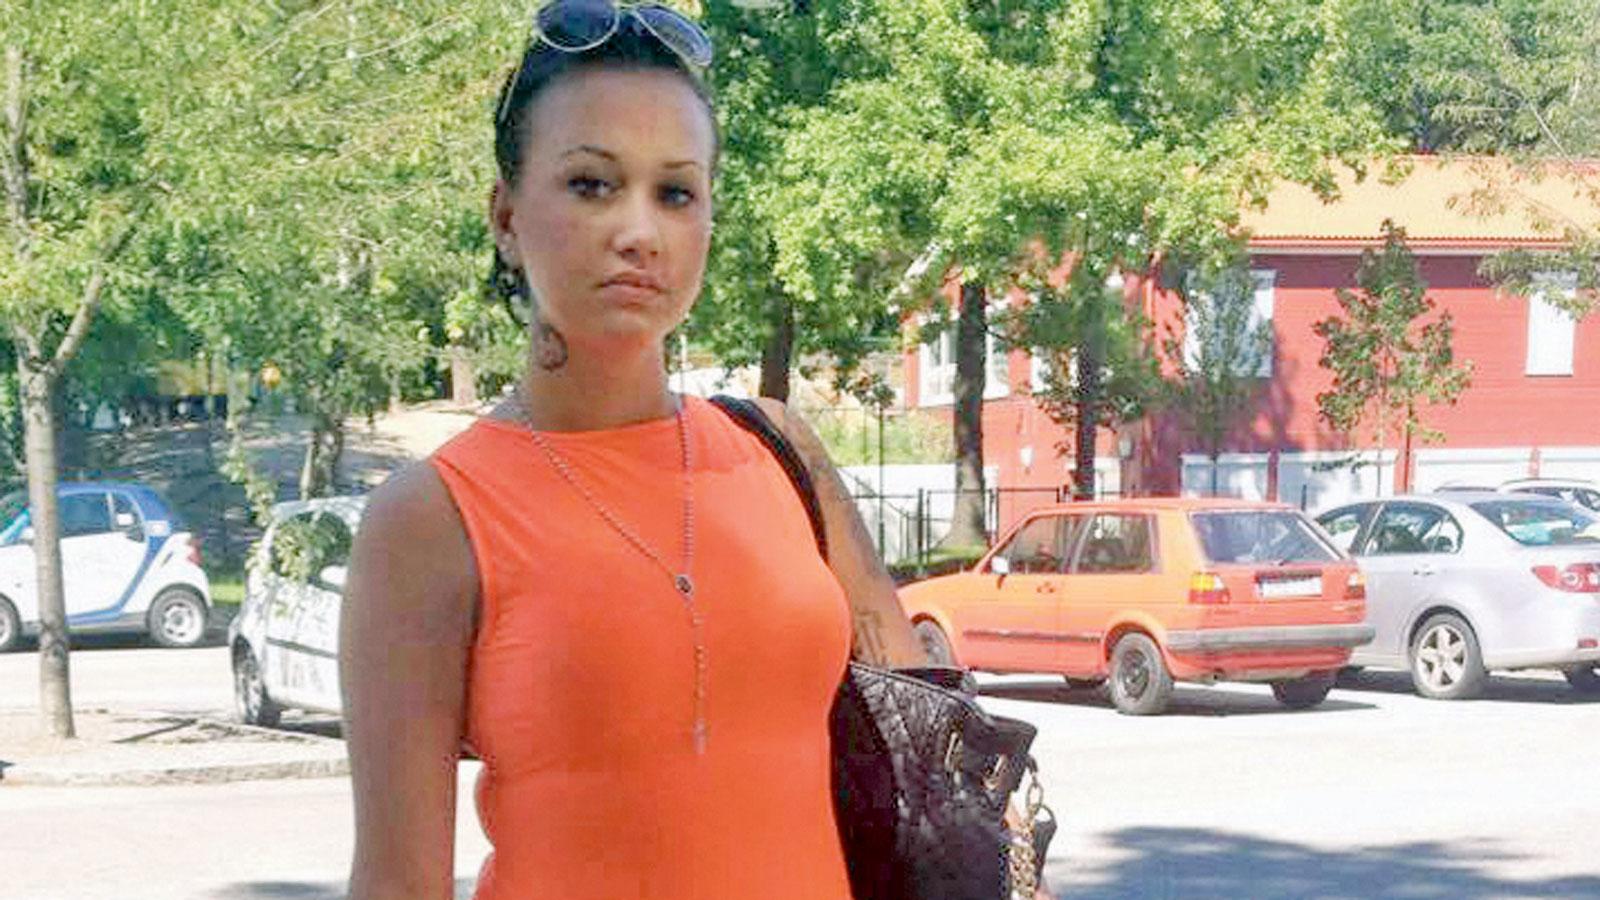 Michelle 20 dog i polisarresten i lund